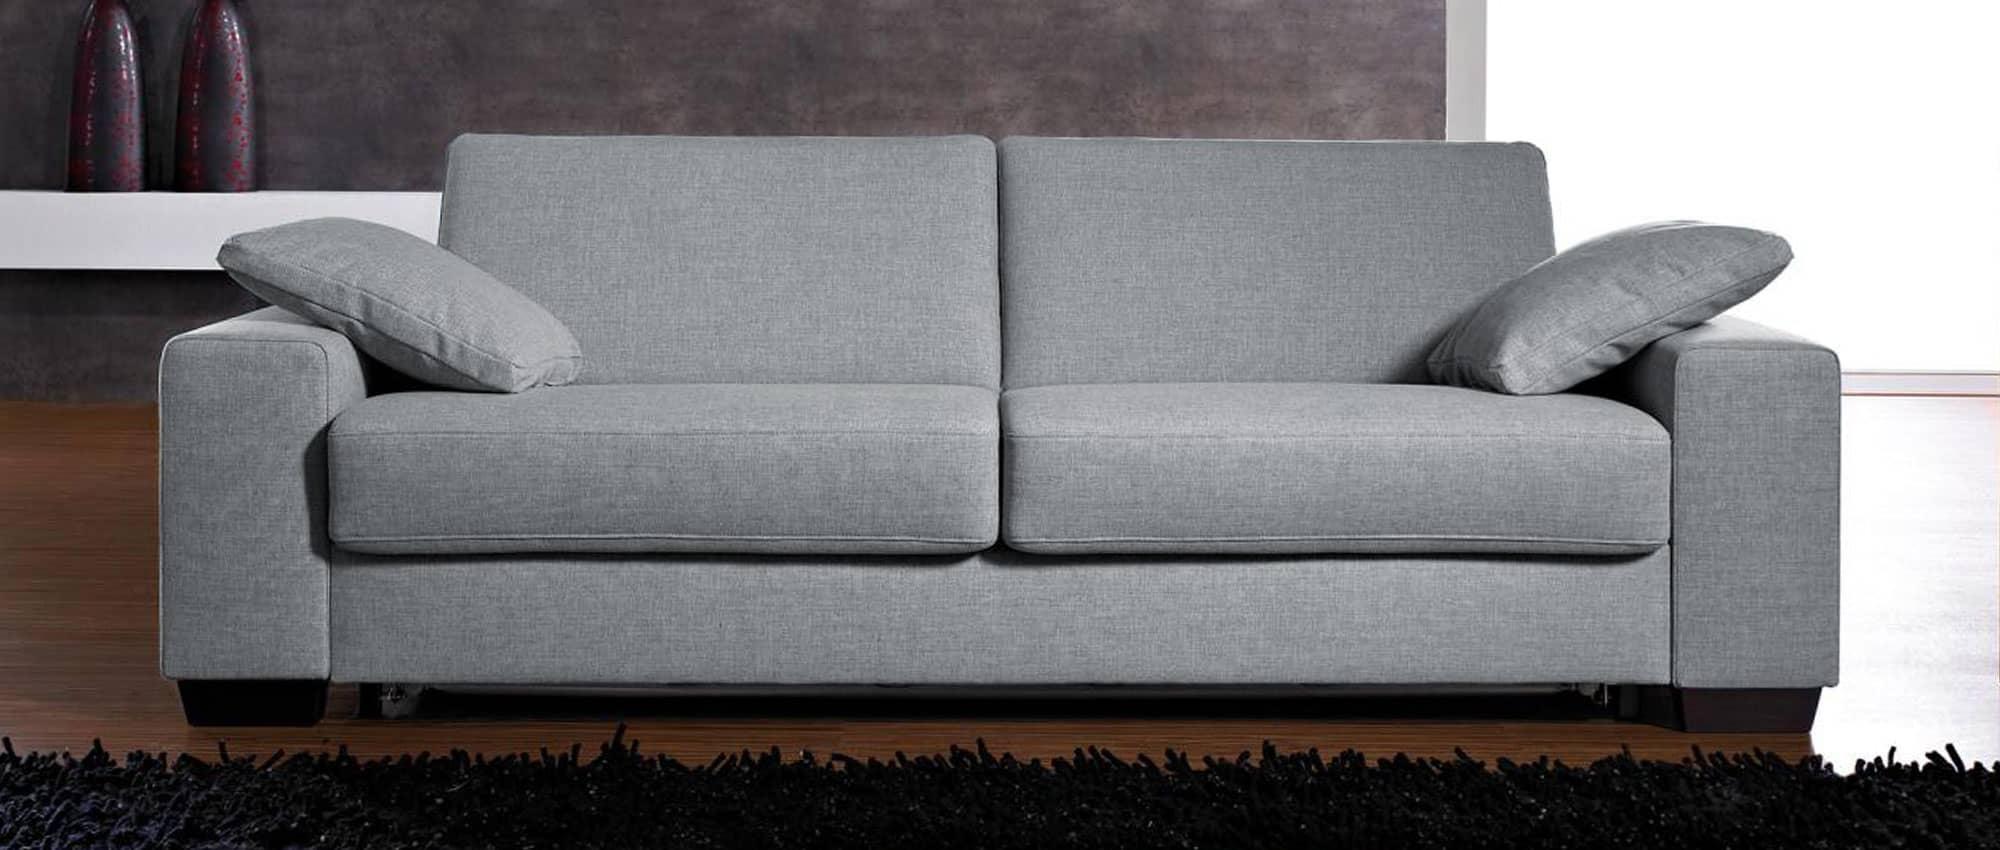 Full Size of Amsterdam Deluxe Schlafsofa Von Sofaplus Mysofabedde Bett Ausklappbar Ausklappbares Wohnzimmer Couch Ausklappbar